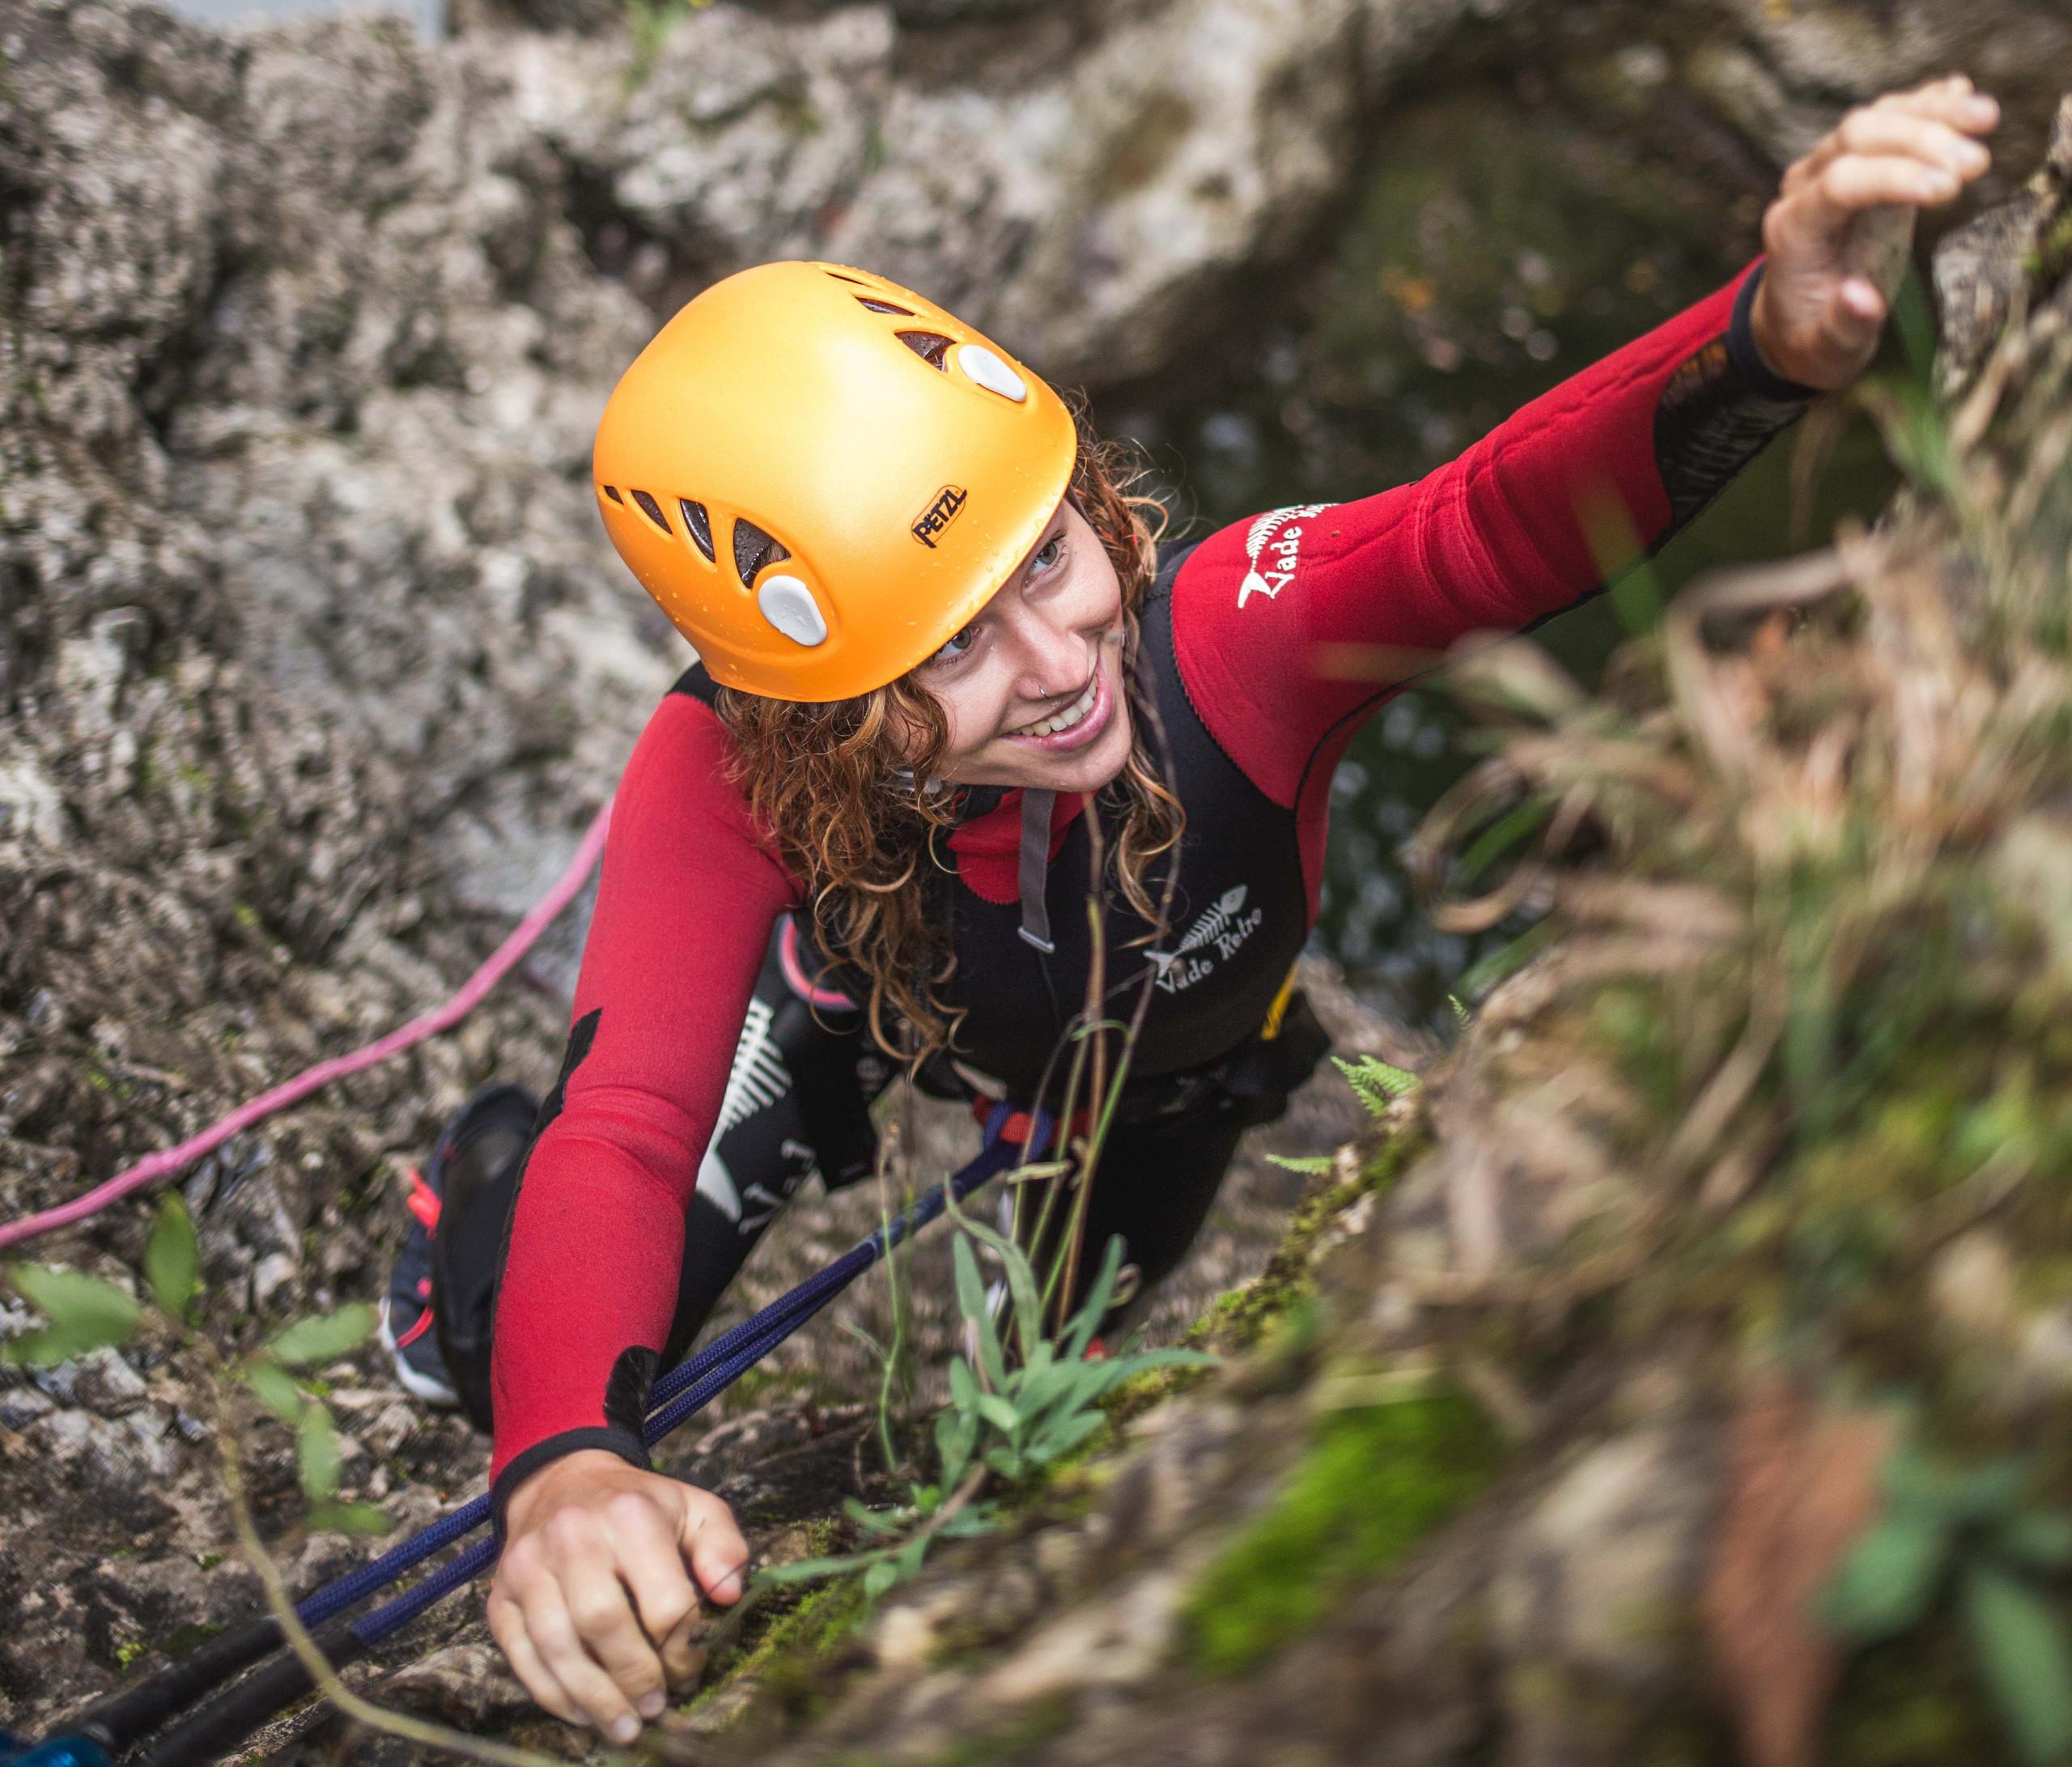 Eine junge Frau klettert beim Canyoning im Salzkammergut die Felswand hoch